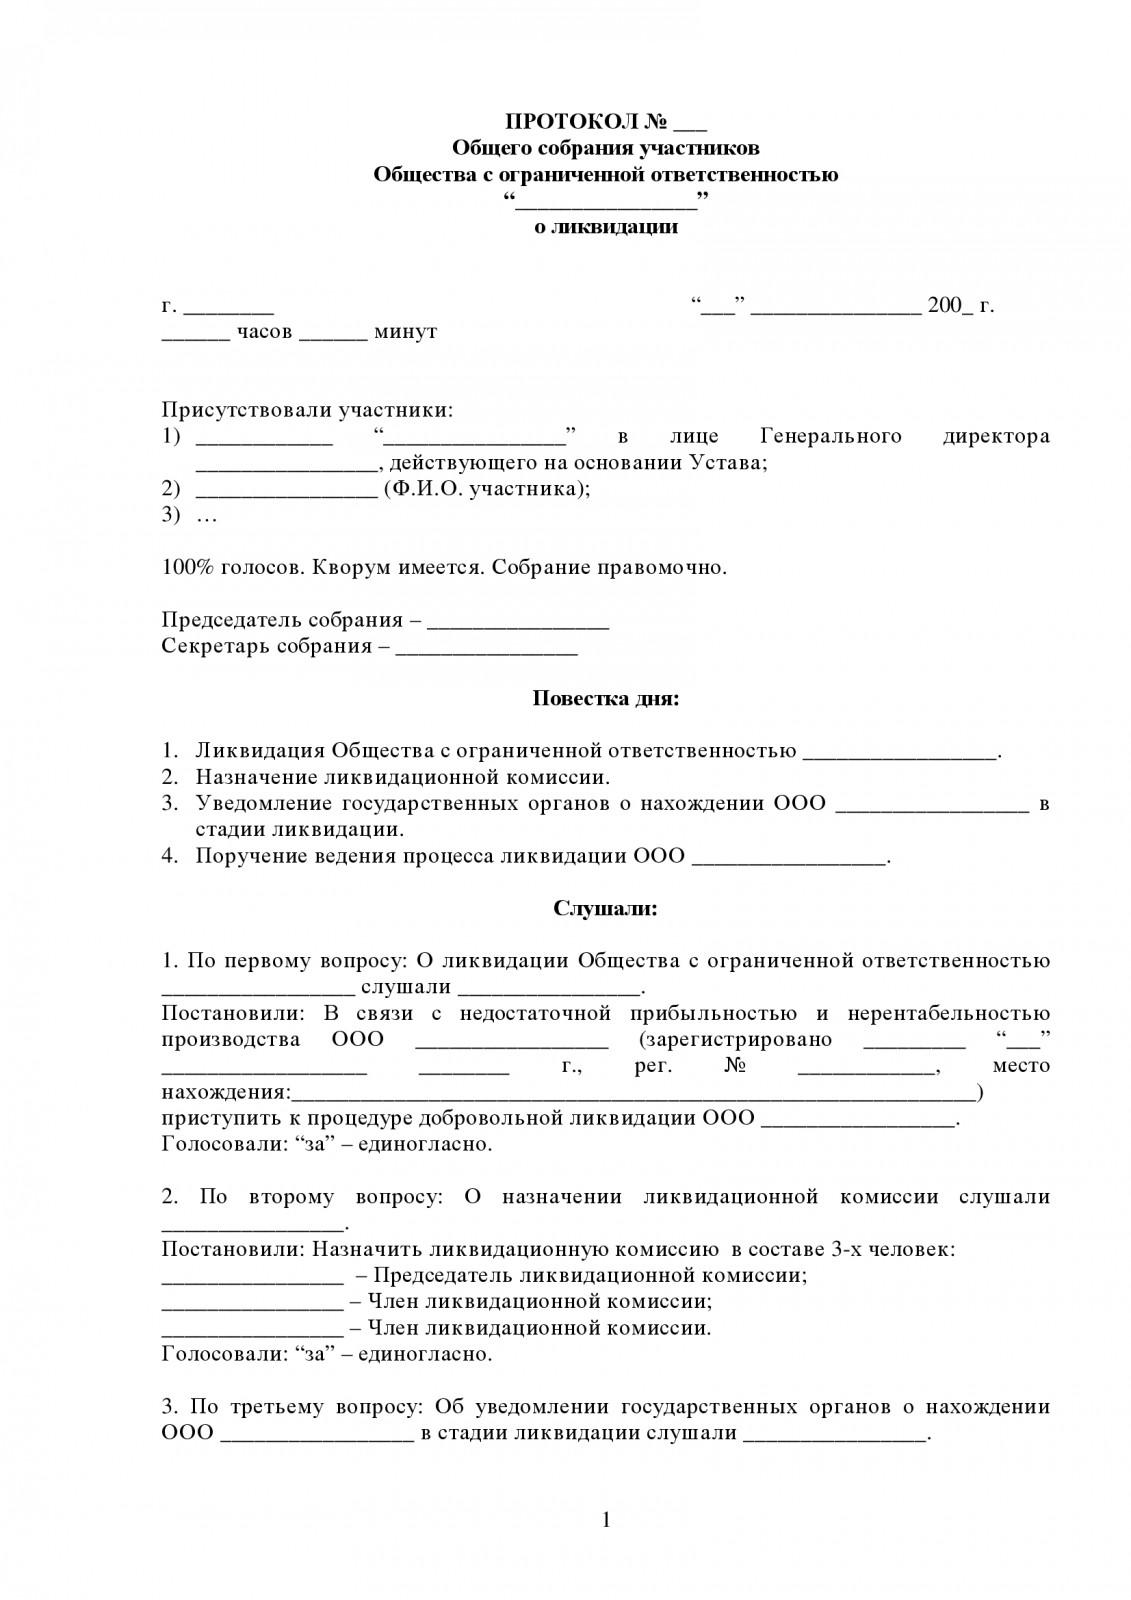 форма сообщение о ликвидации бланк